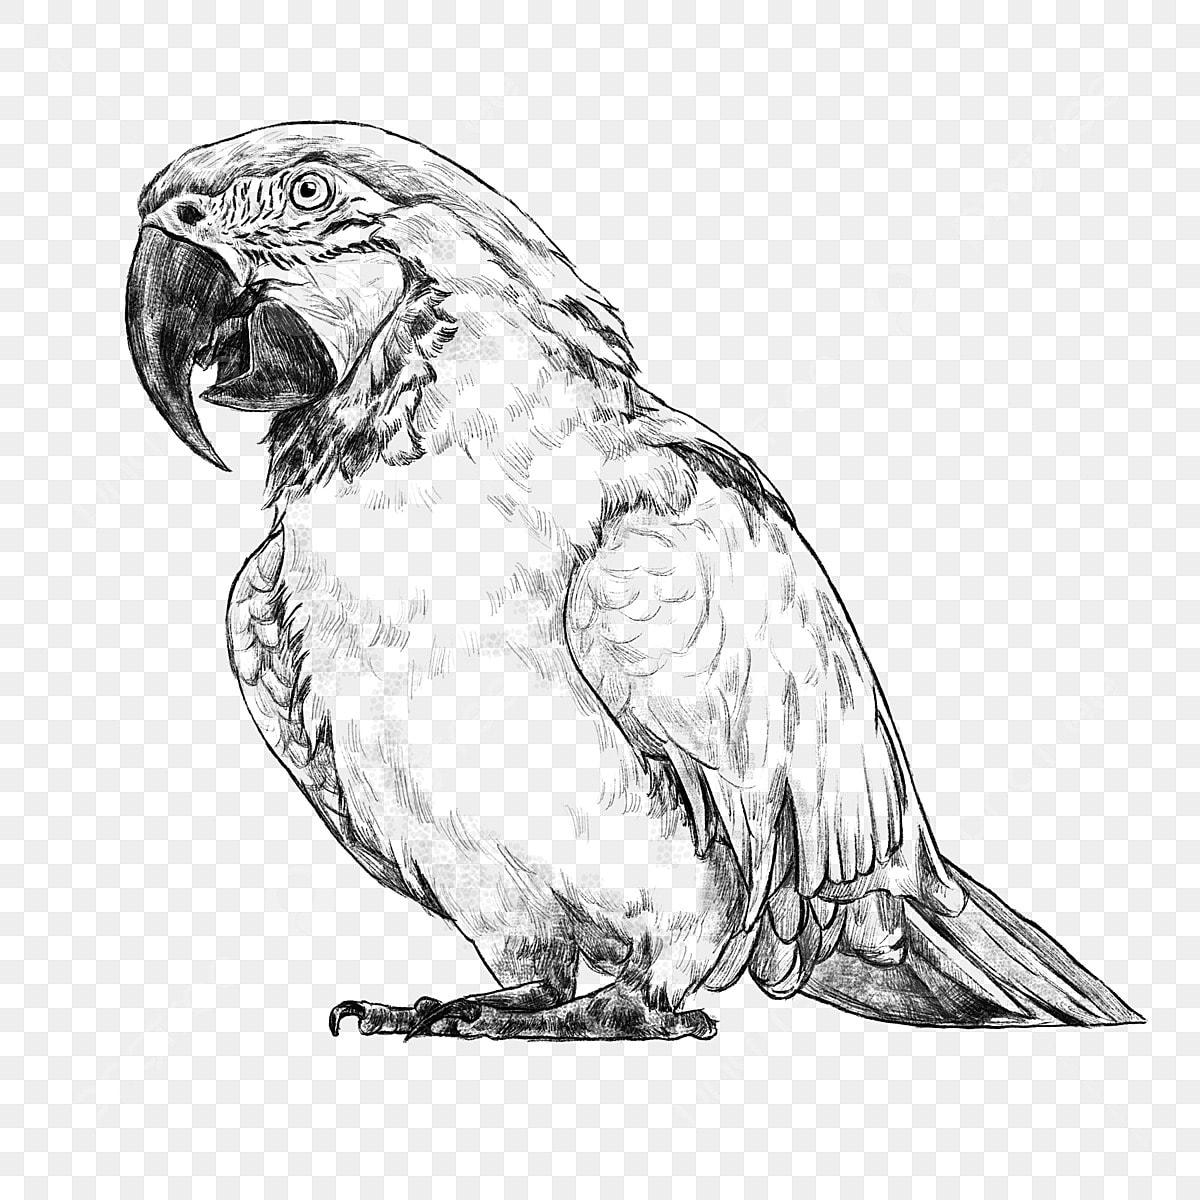 Dessin Au Trait Noir Et Blanc Croquis Oiseau Oiseau Tropical